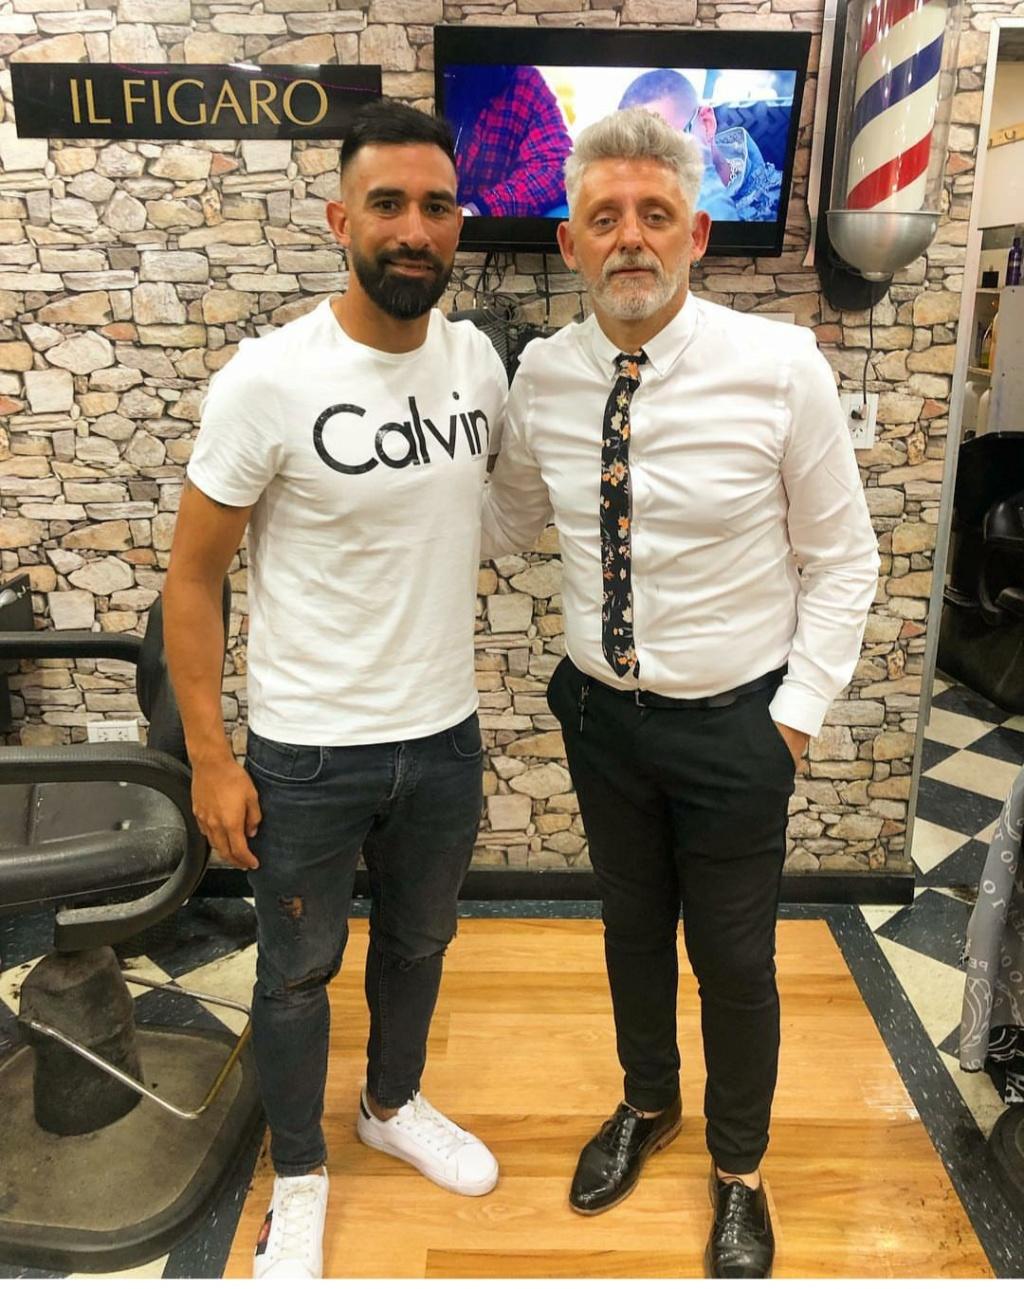 ¿Cuánto mide el peluquero Il Figaro? - Página 2 Img_2115